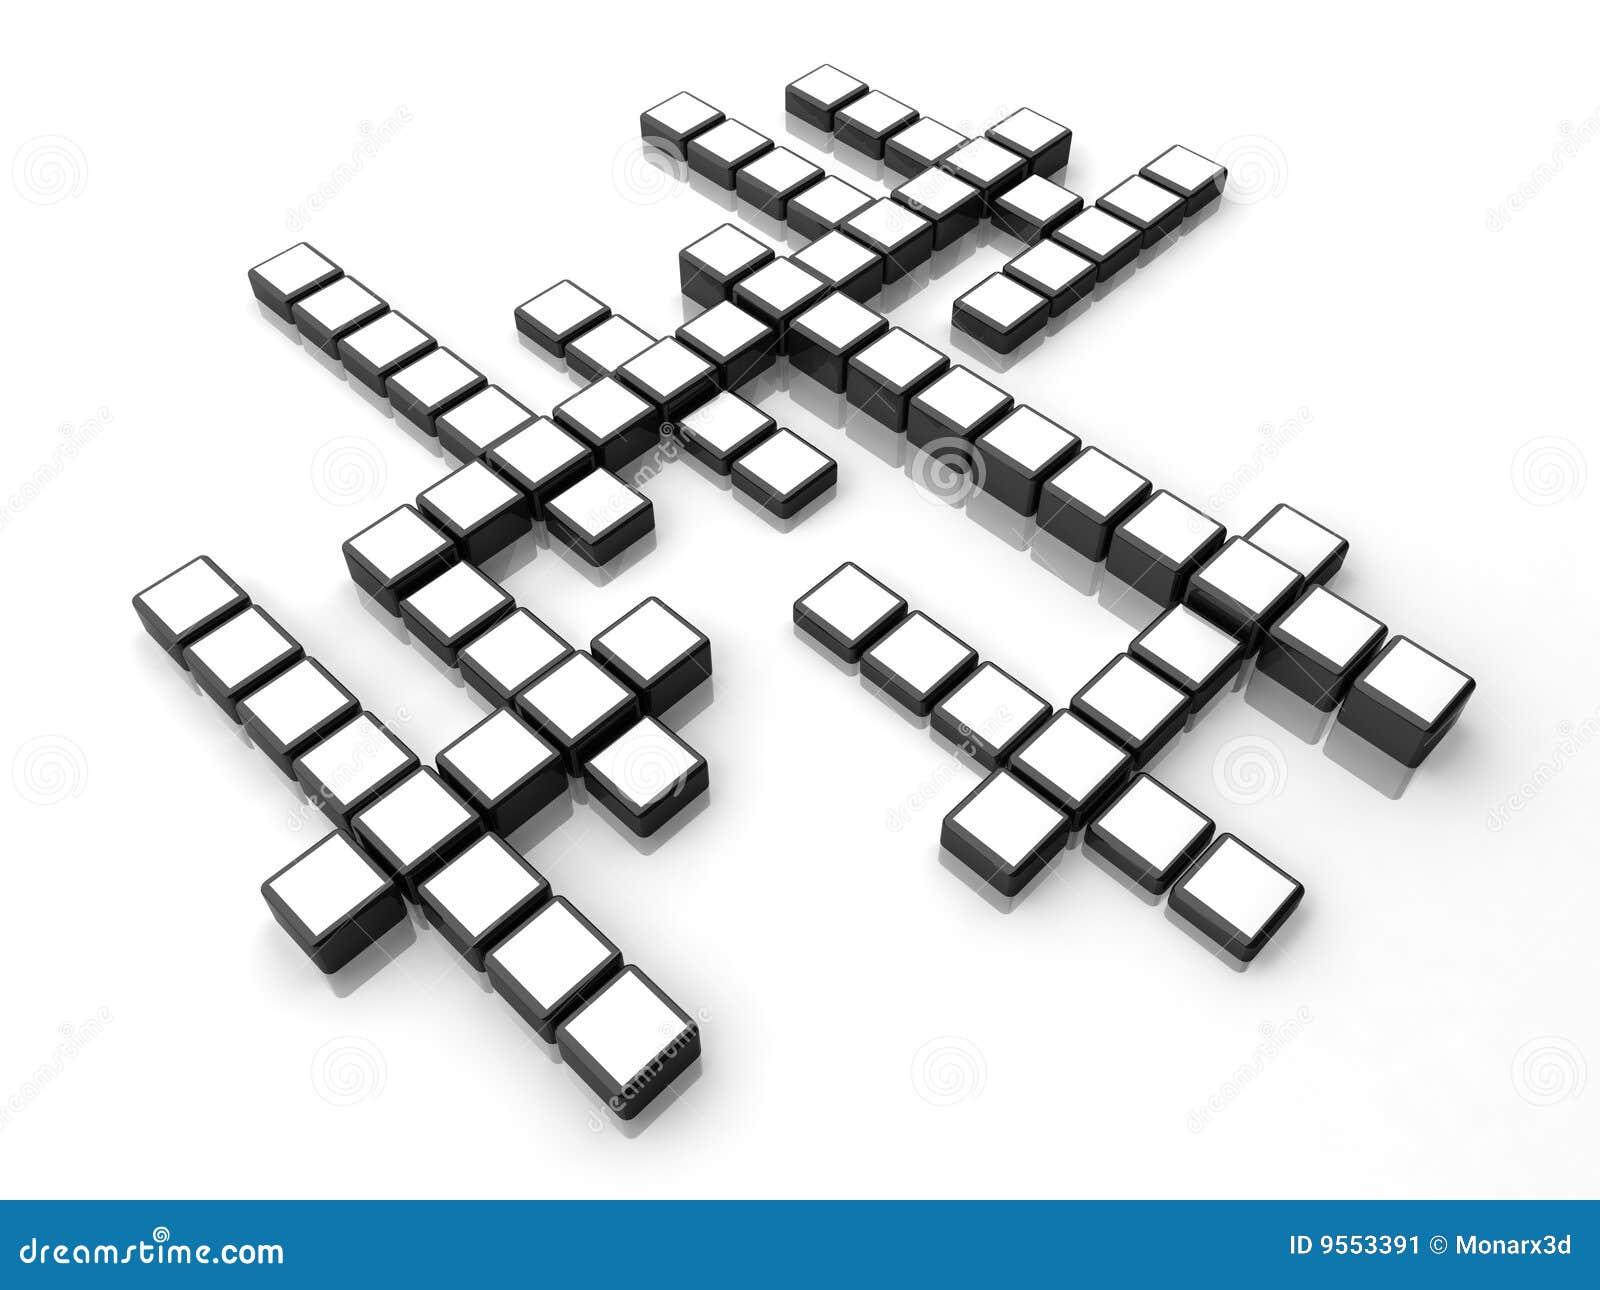 BoxesCrossword